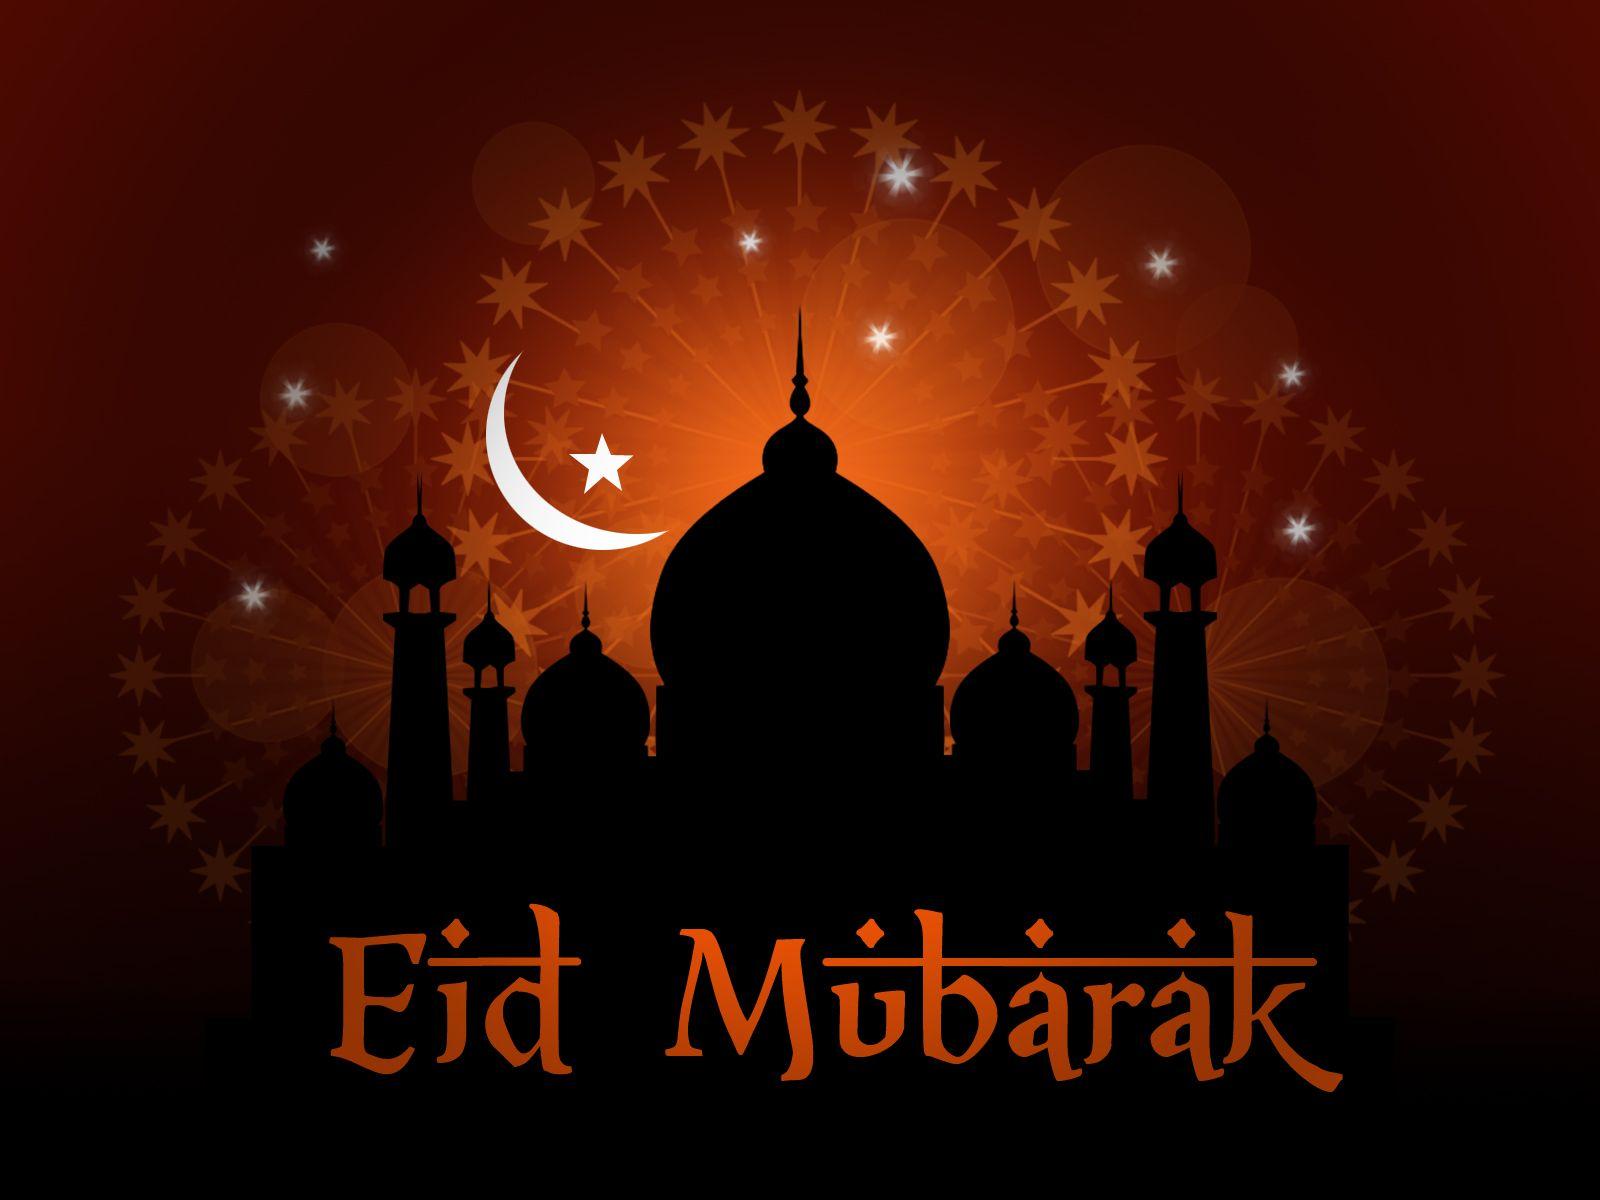 Beautiful Eid Special Eid Al-Fitr Feast - 6a4af273b42b030145a3ddc91d303b5b  Snapshot_822925 .jpg